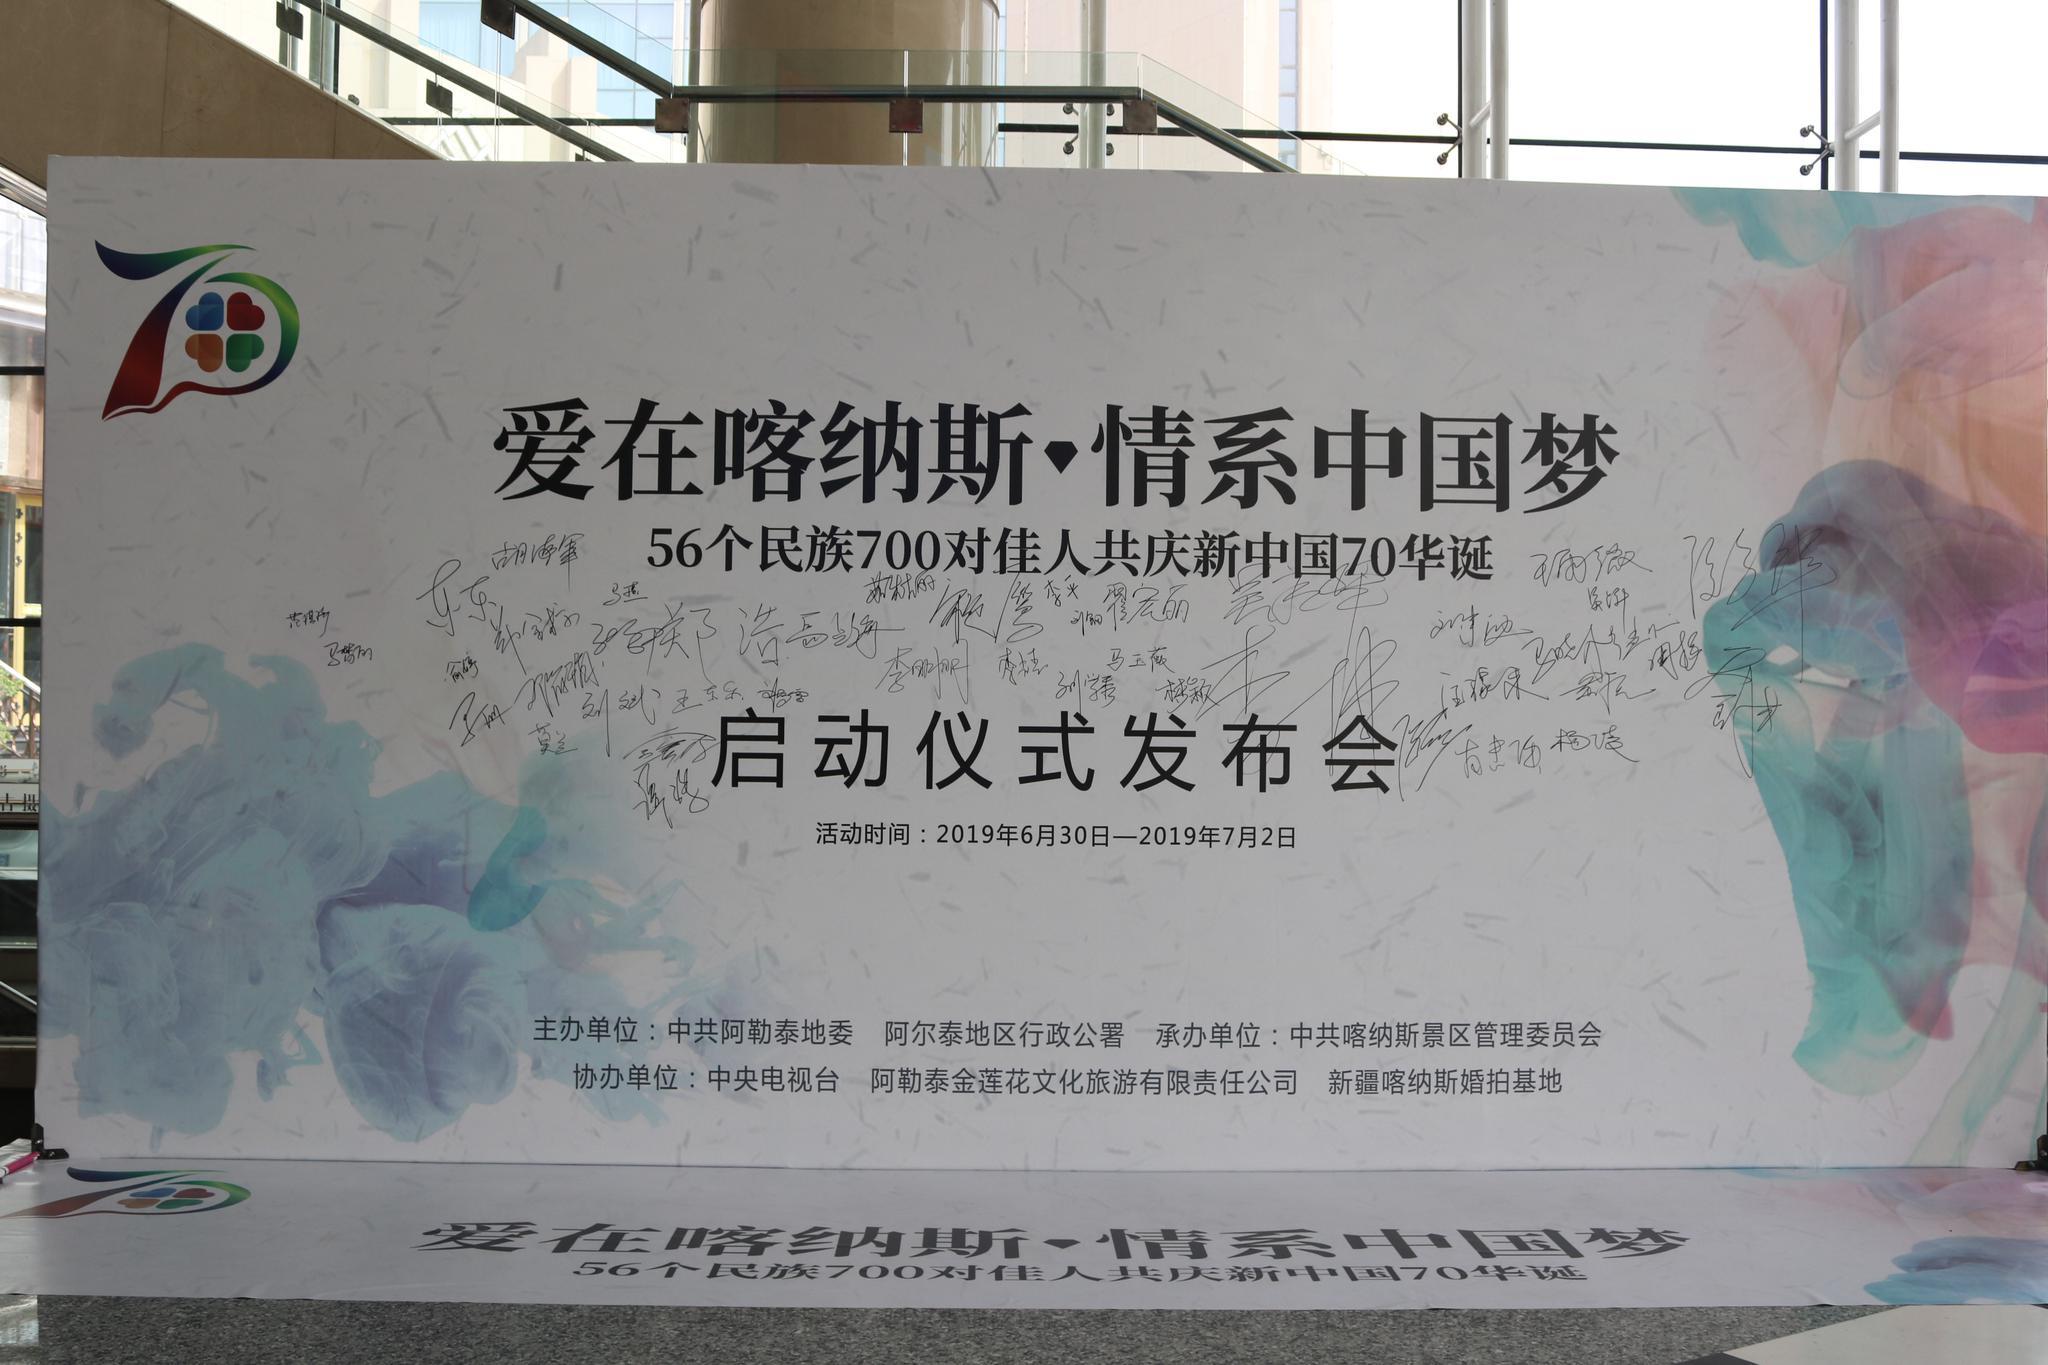 爱在喀纳斯·情系中国梦 56个民族700对佳人共庆新中国70年华